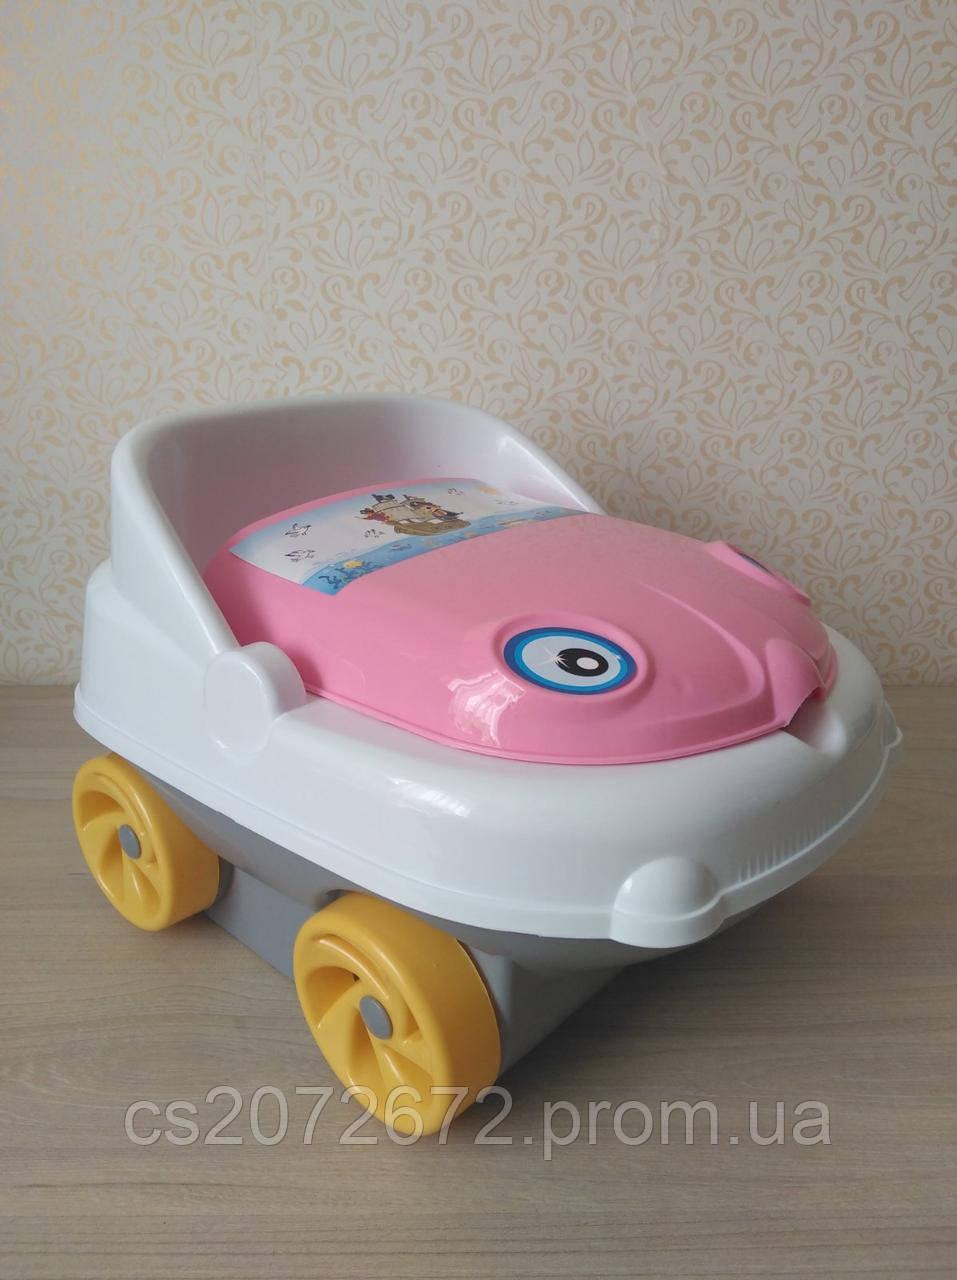 Горшок детский музыкальный Машинка IRAK PLASTIK CM-140